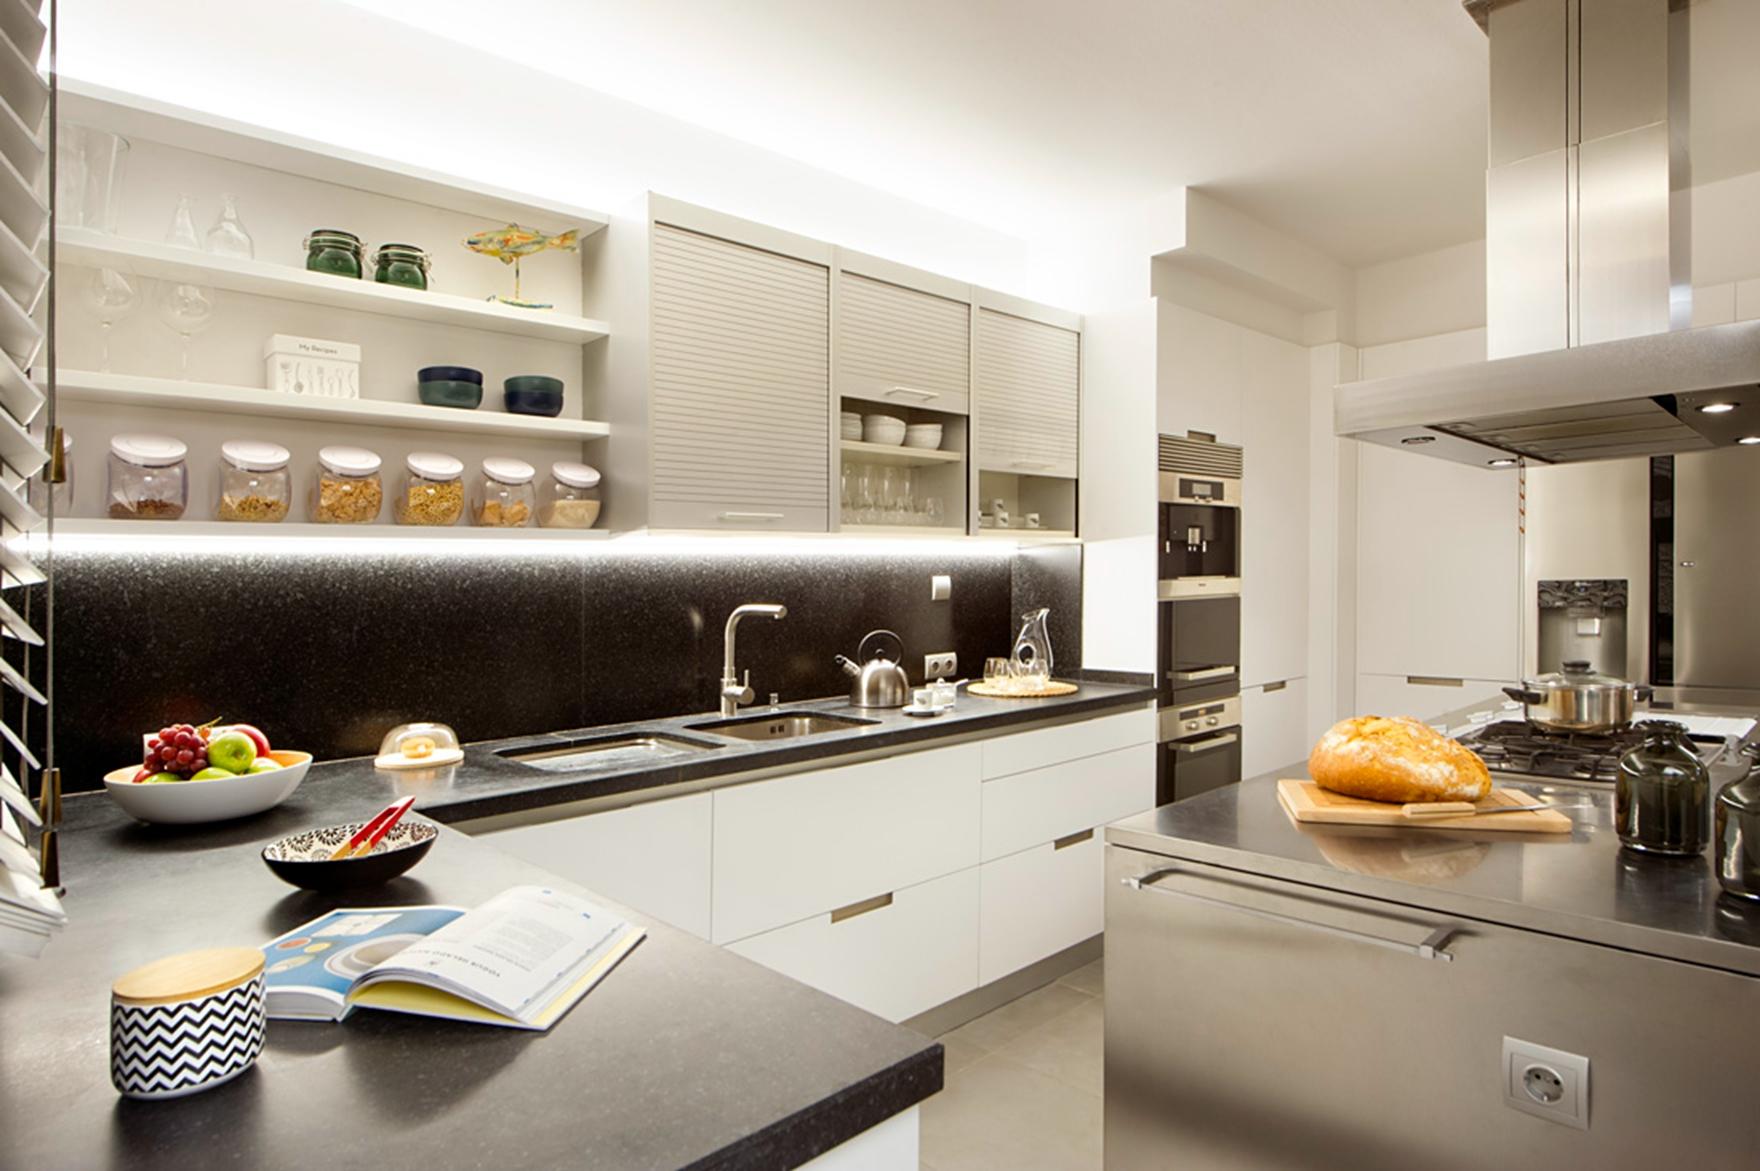 二手房厨房卫生间样板间